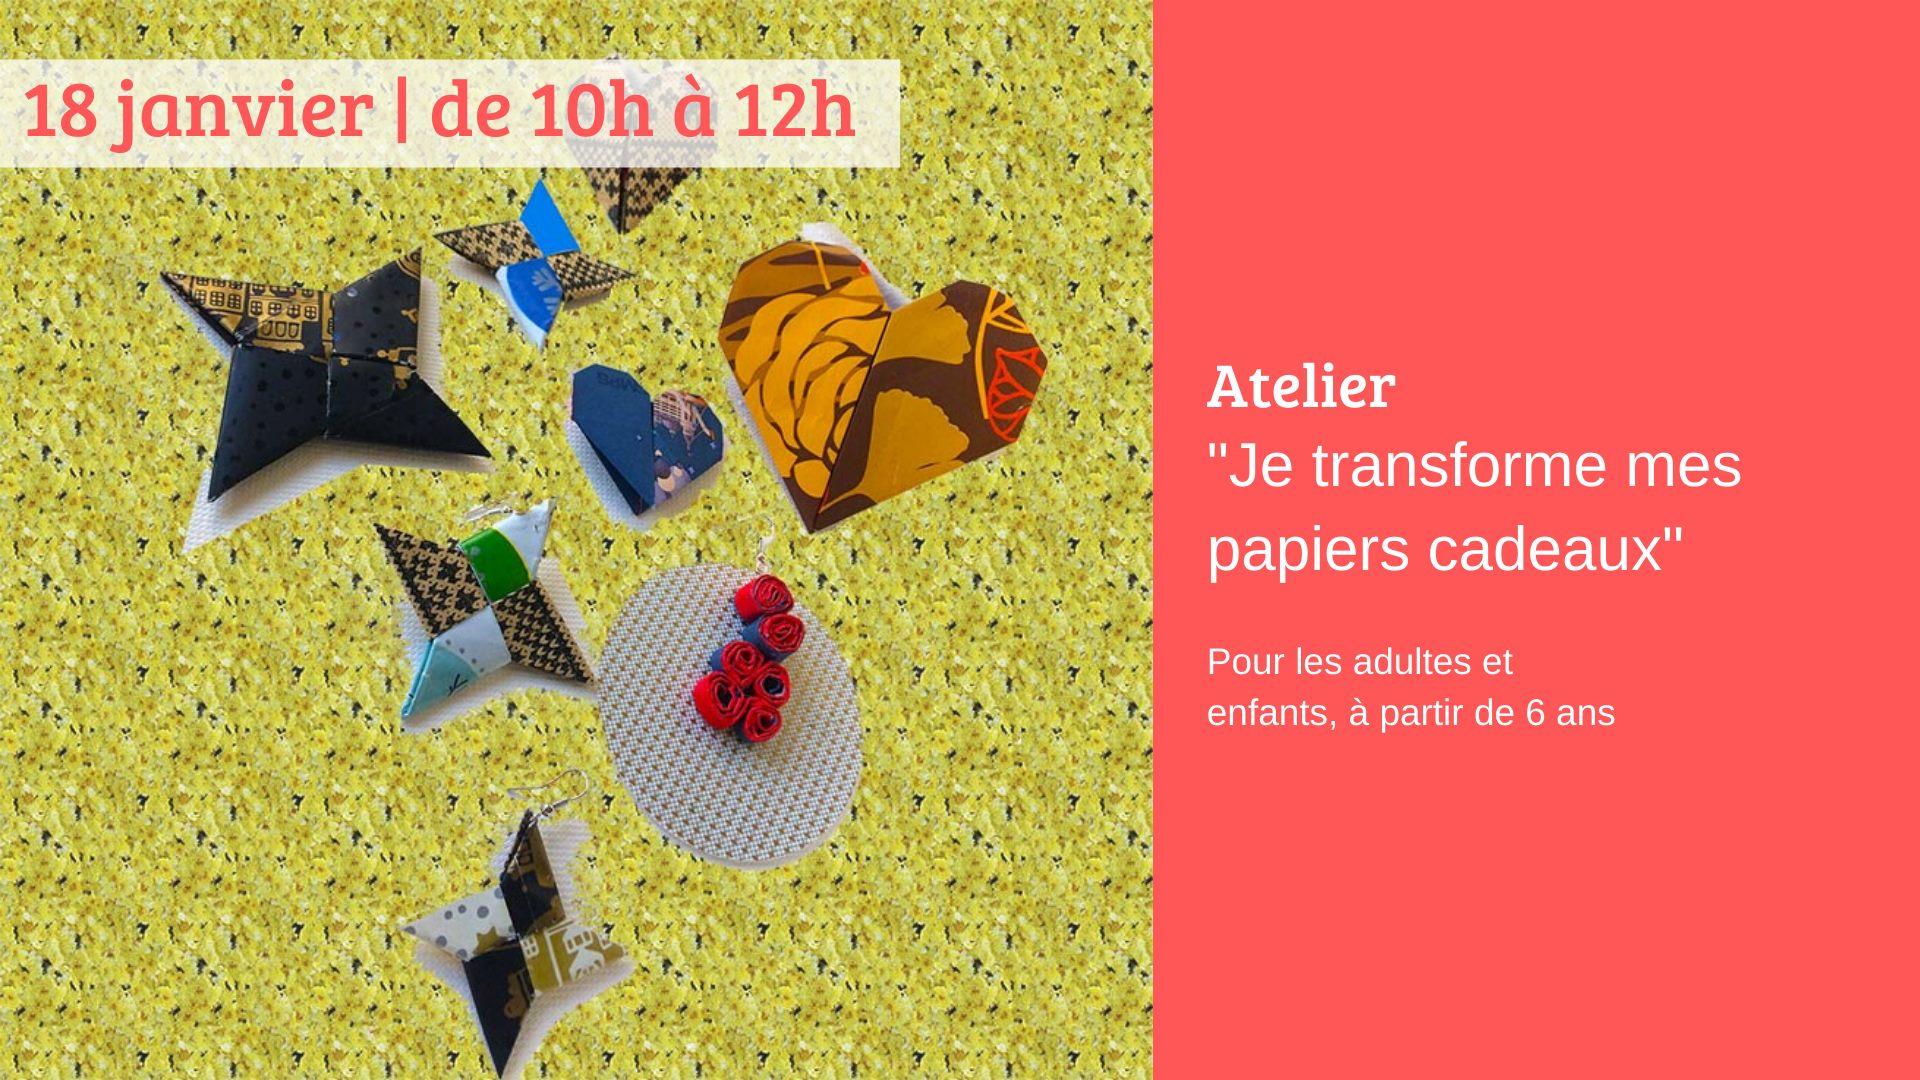 Brest (29), Je transforme mes papiers cadeaux/atelier